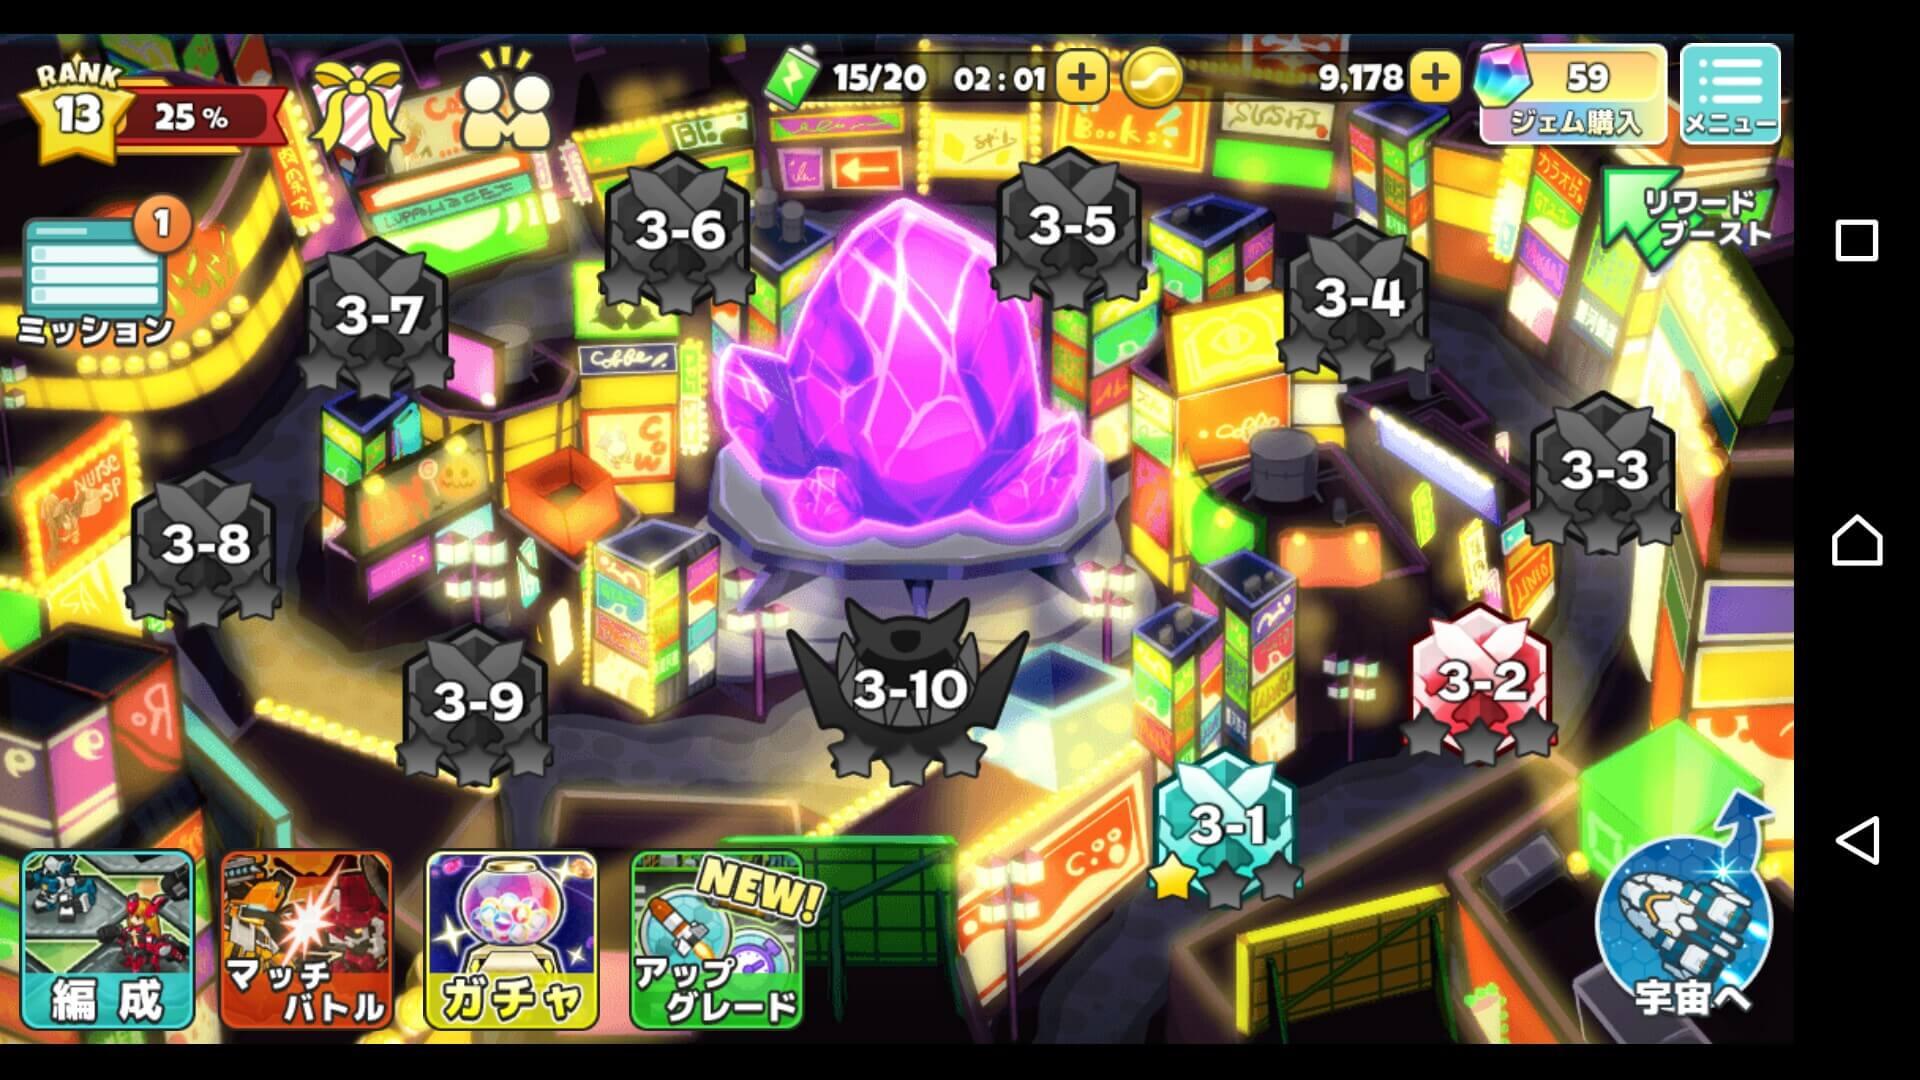 コズミックブレイク ソラの戦団8 ステージマップ